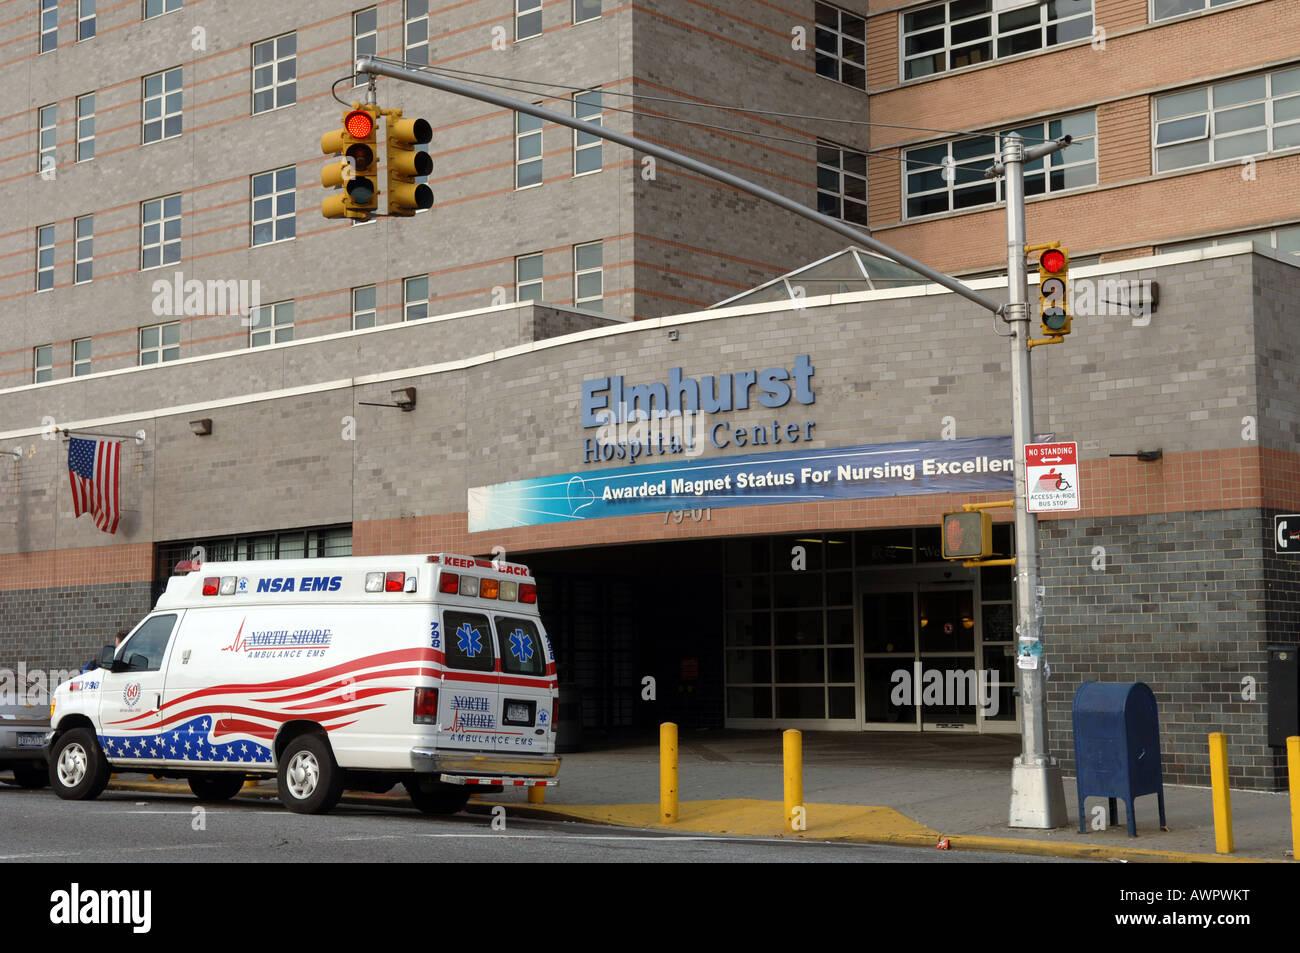 Queens Hospital Center Stock Photos & Queens Hospital Center